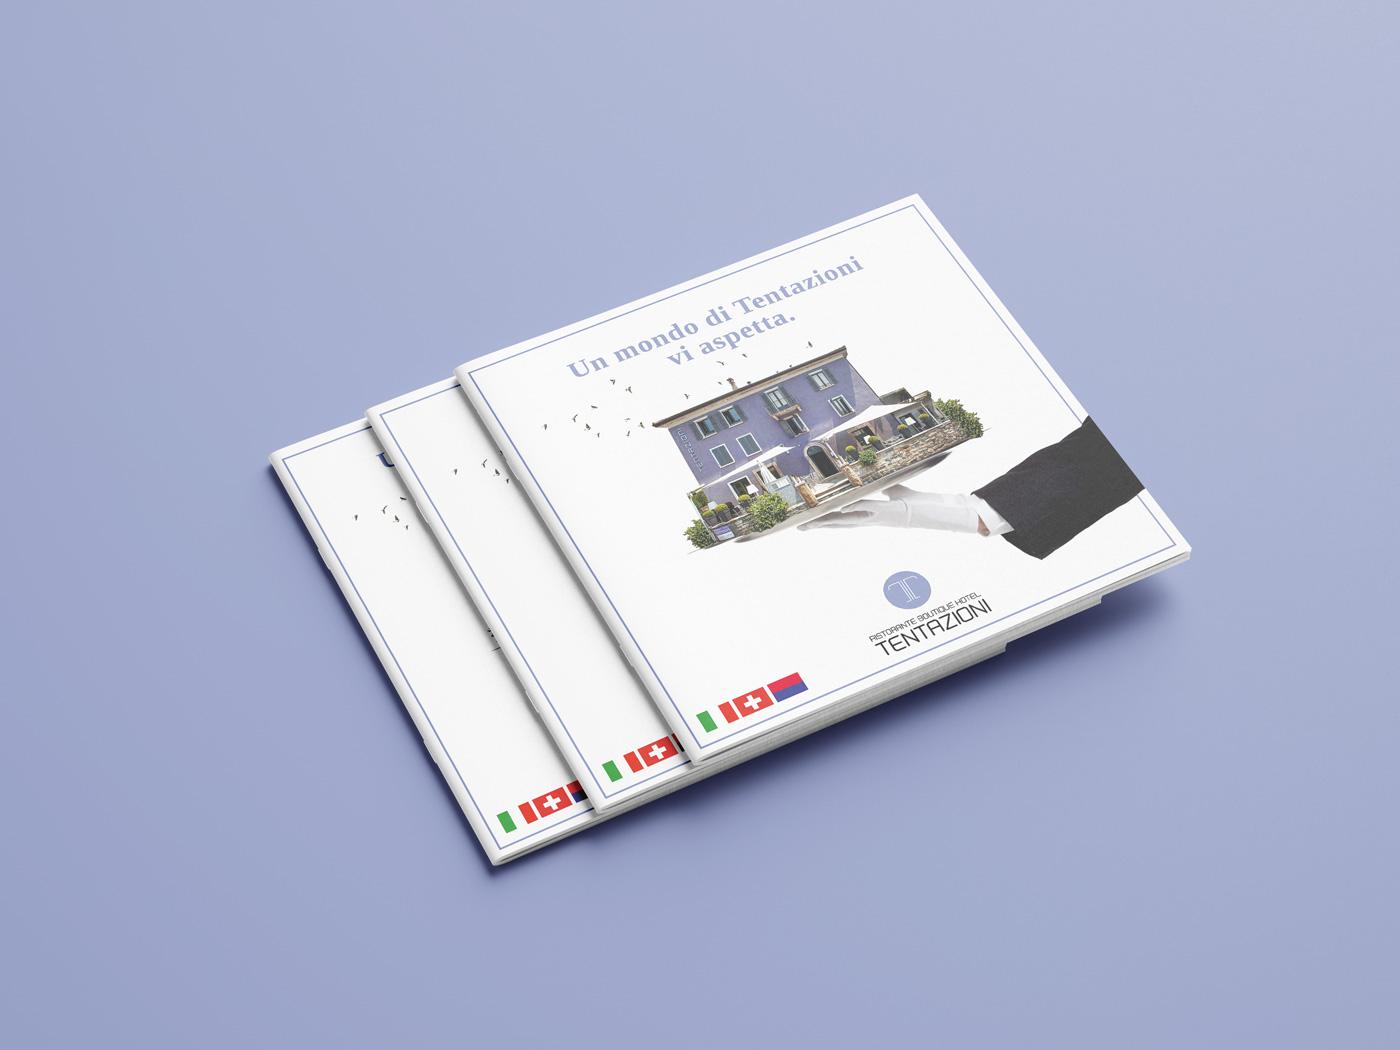 Tentazioni-Hotel-Ristorante—Brochure_cover